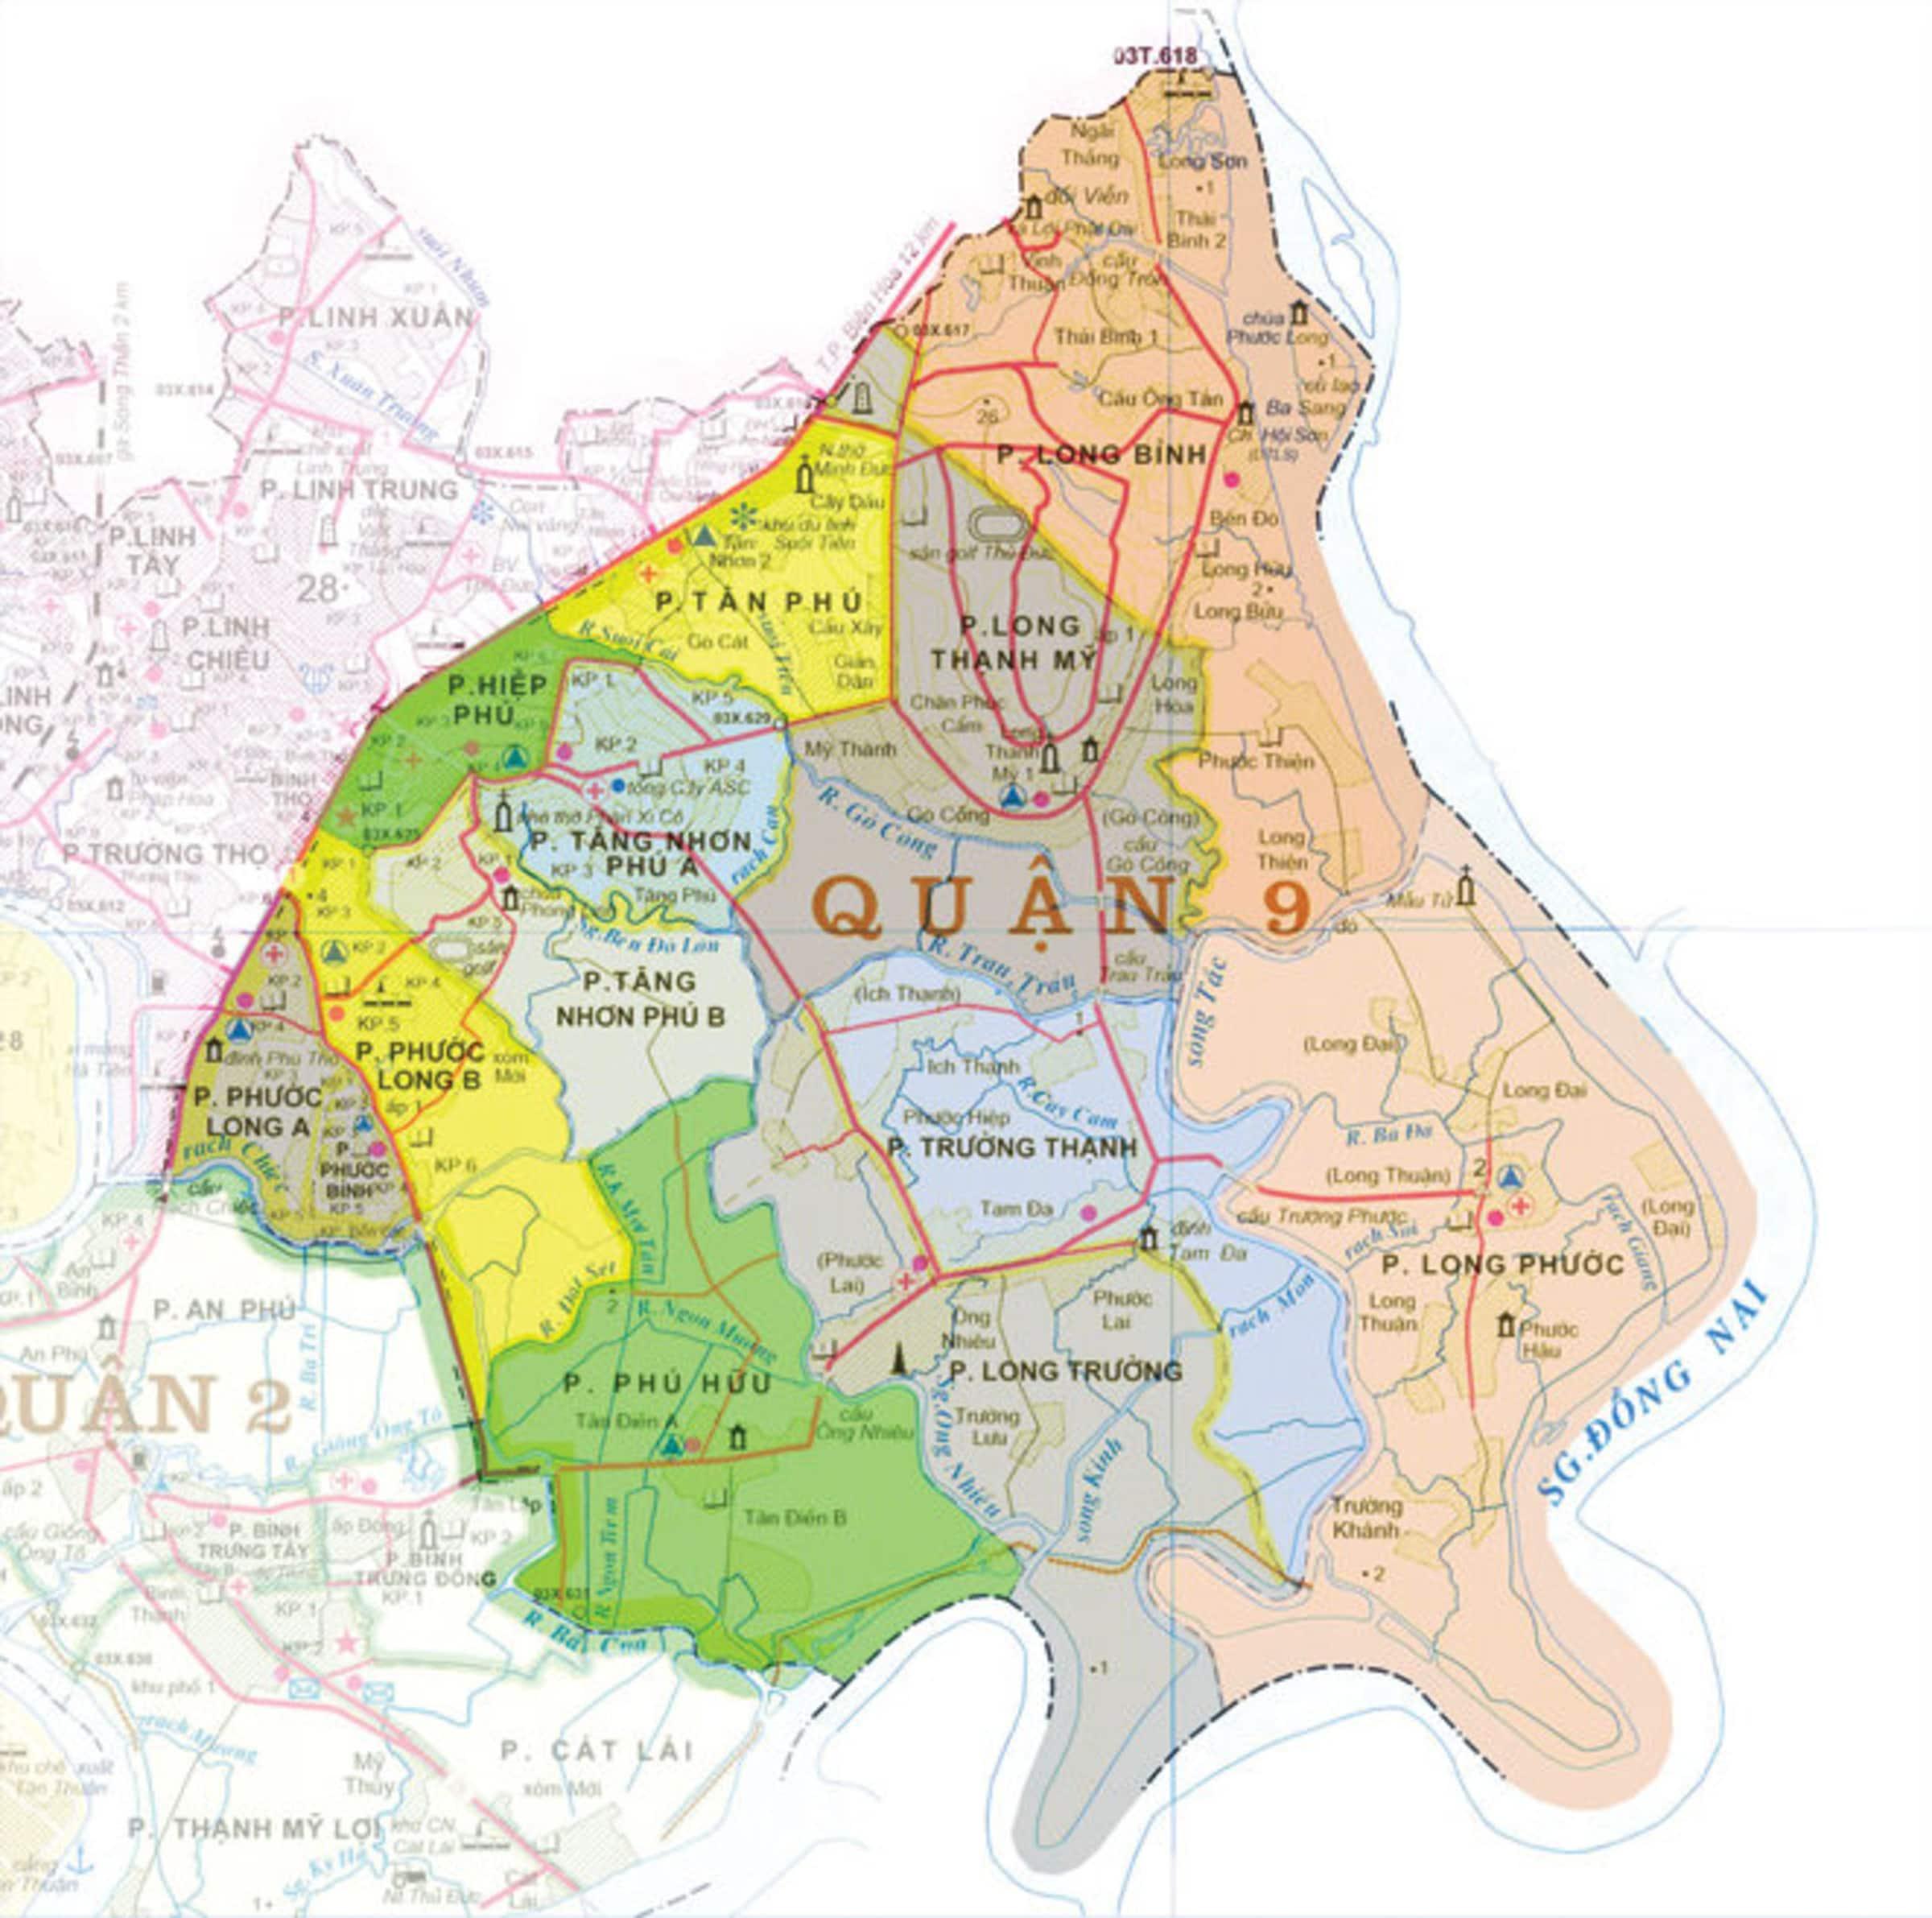 ban do quan 9 tphcm - BẢN ĐỒ HÀNH CHÍNH QUẬN 9 TPHCM & THÔNG TIN QUY HOẠCH MỚI NHẤT 2020